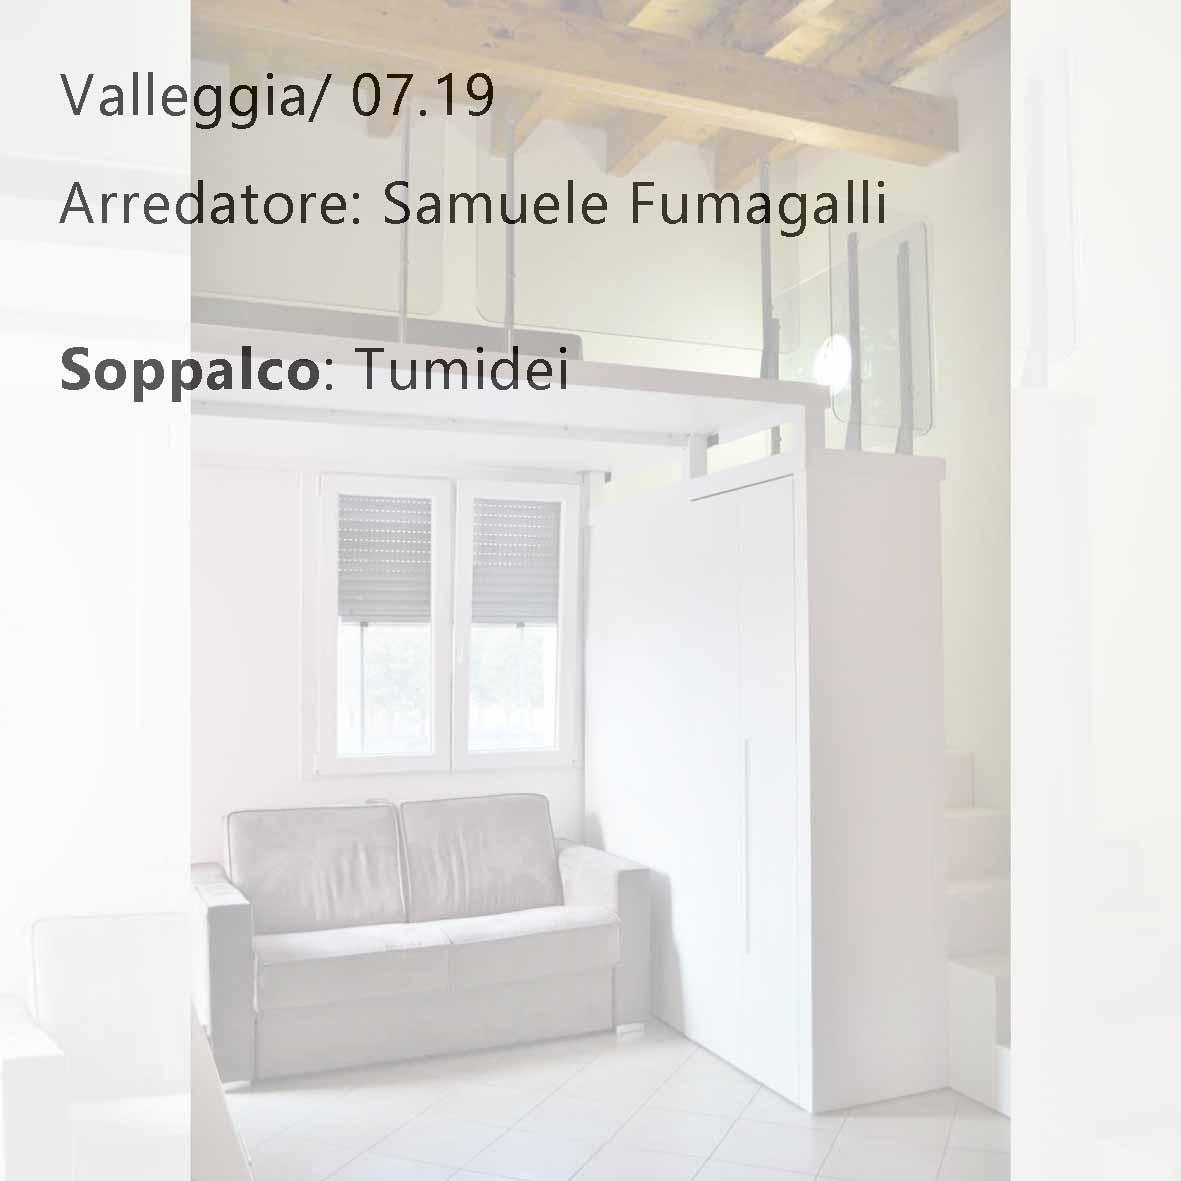 soppalco-tumidei-centro dell'arredamento-savona-realizzazioni